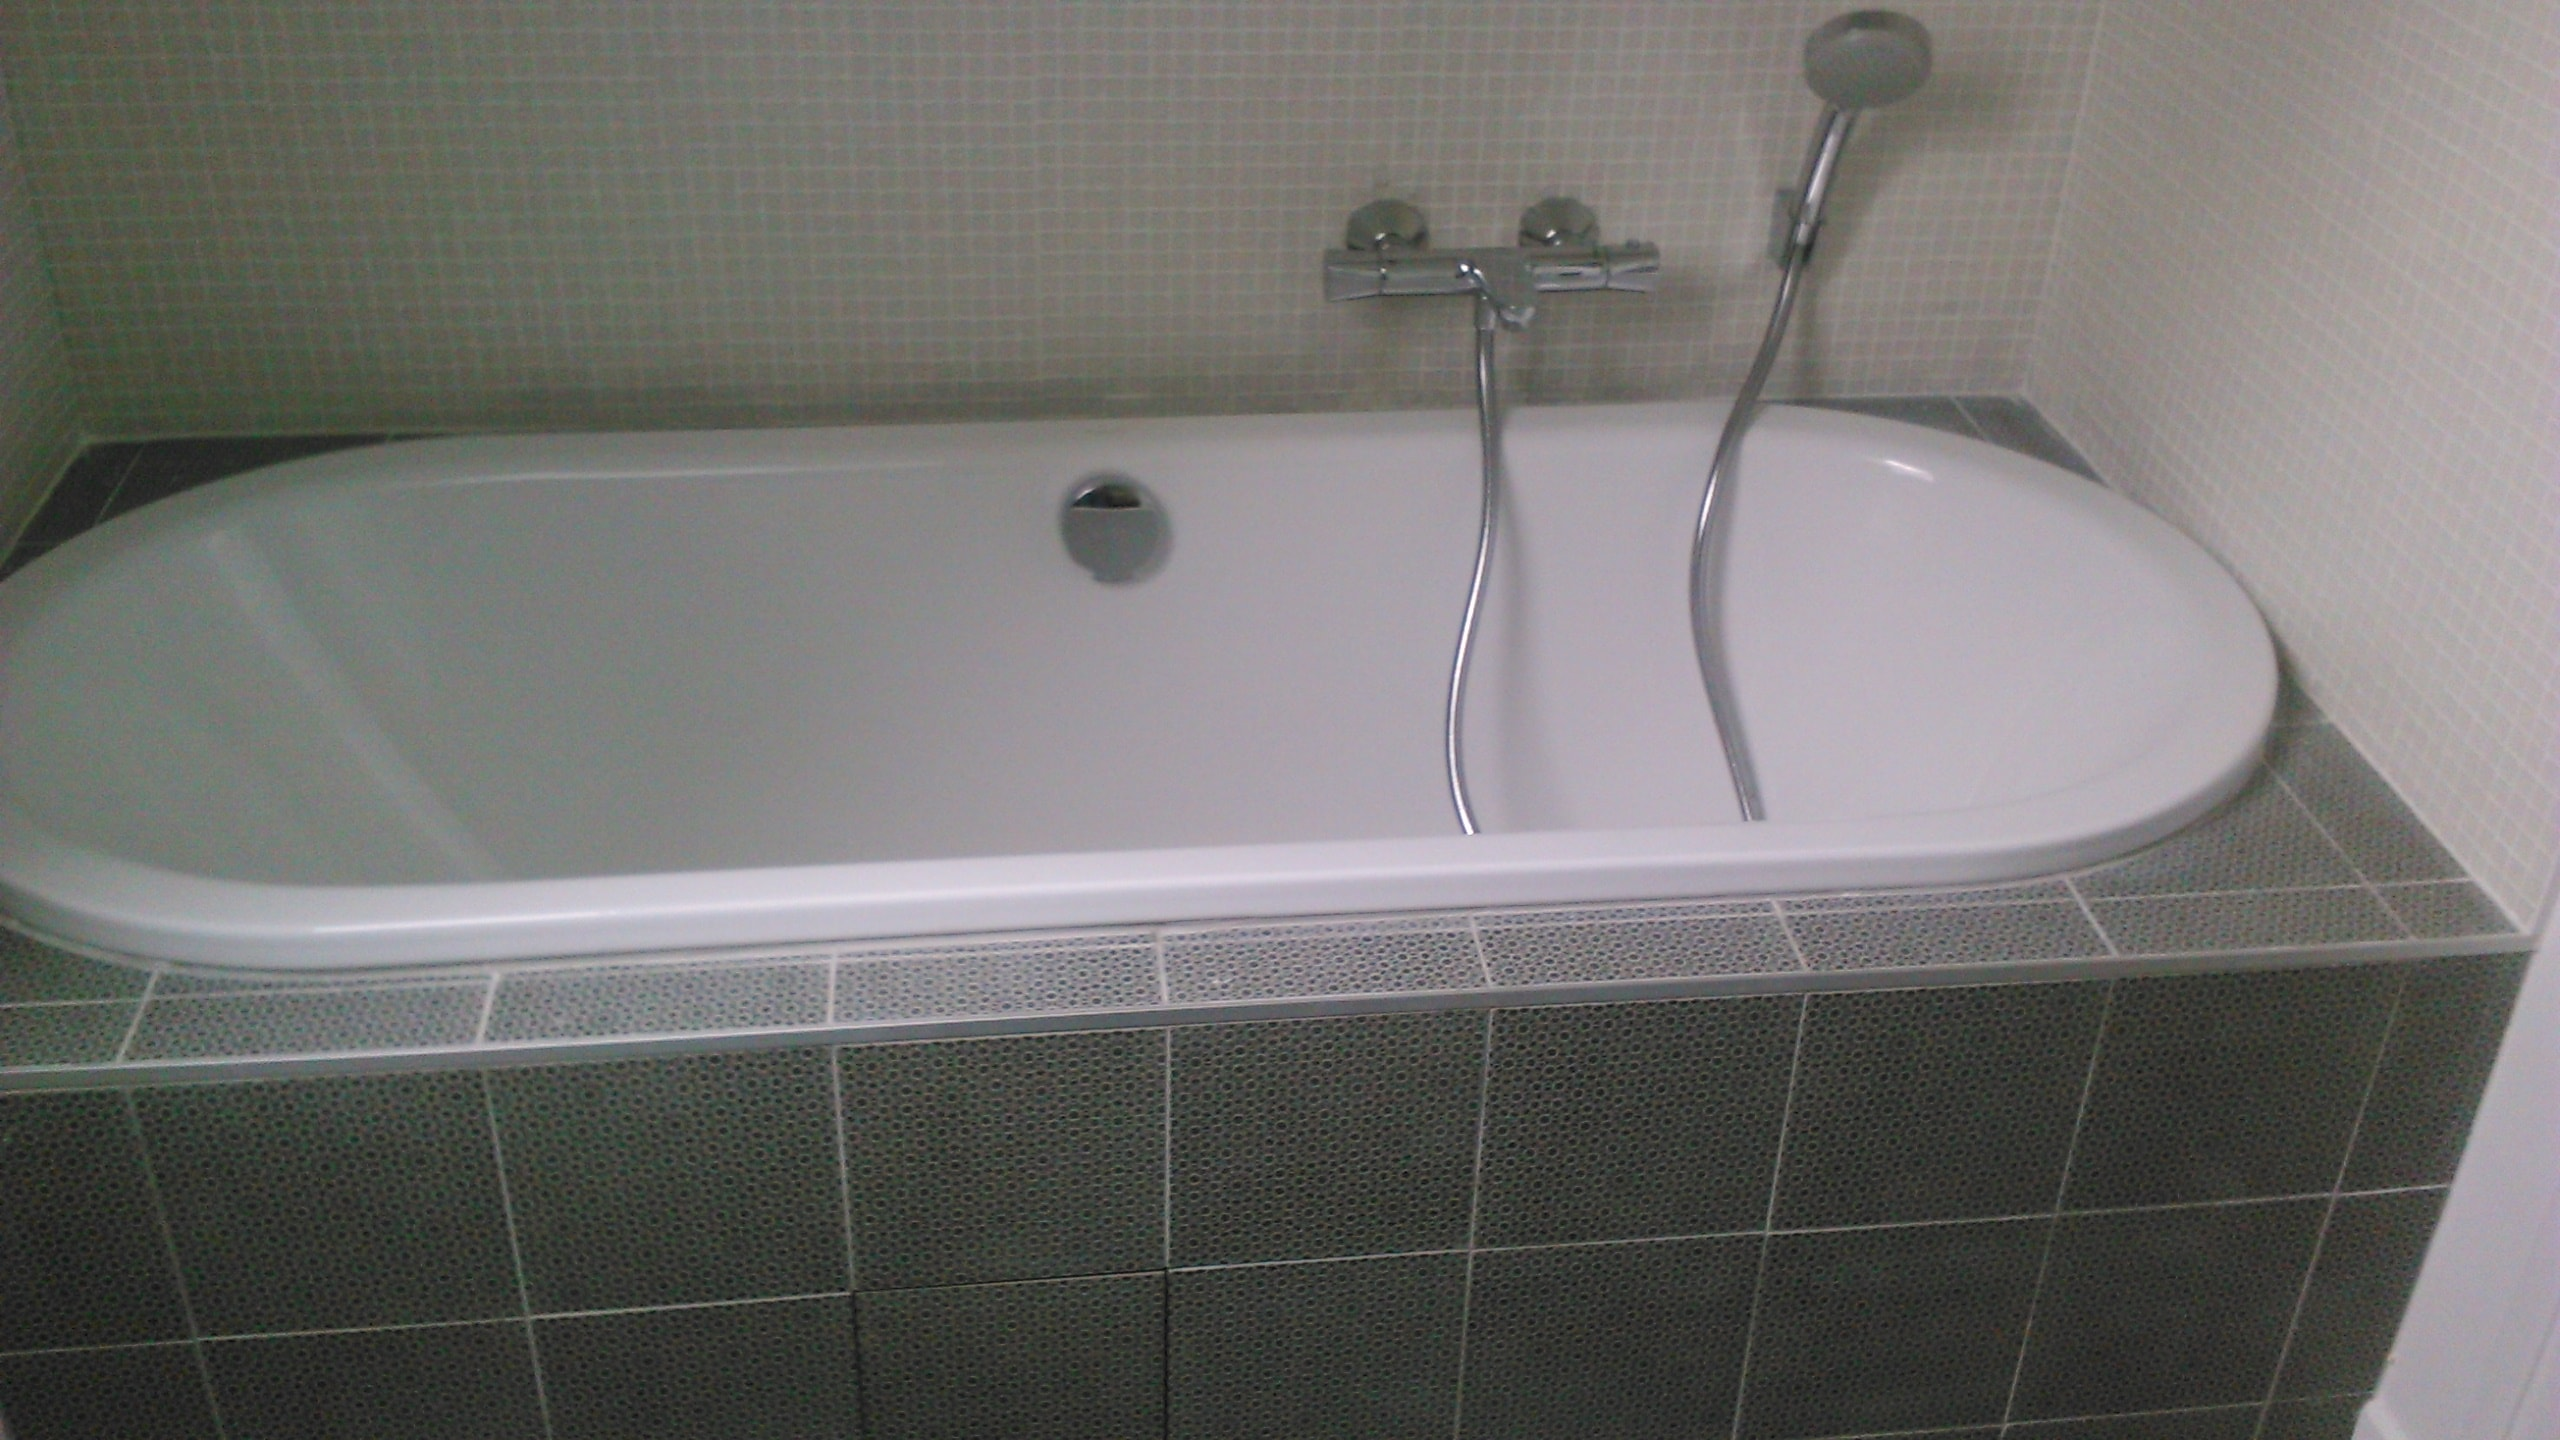 Travaux de rénovation d'une salle de bain complète à Saint Pierre Azif - 14950